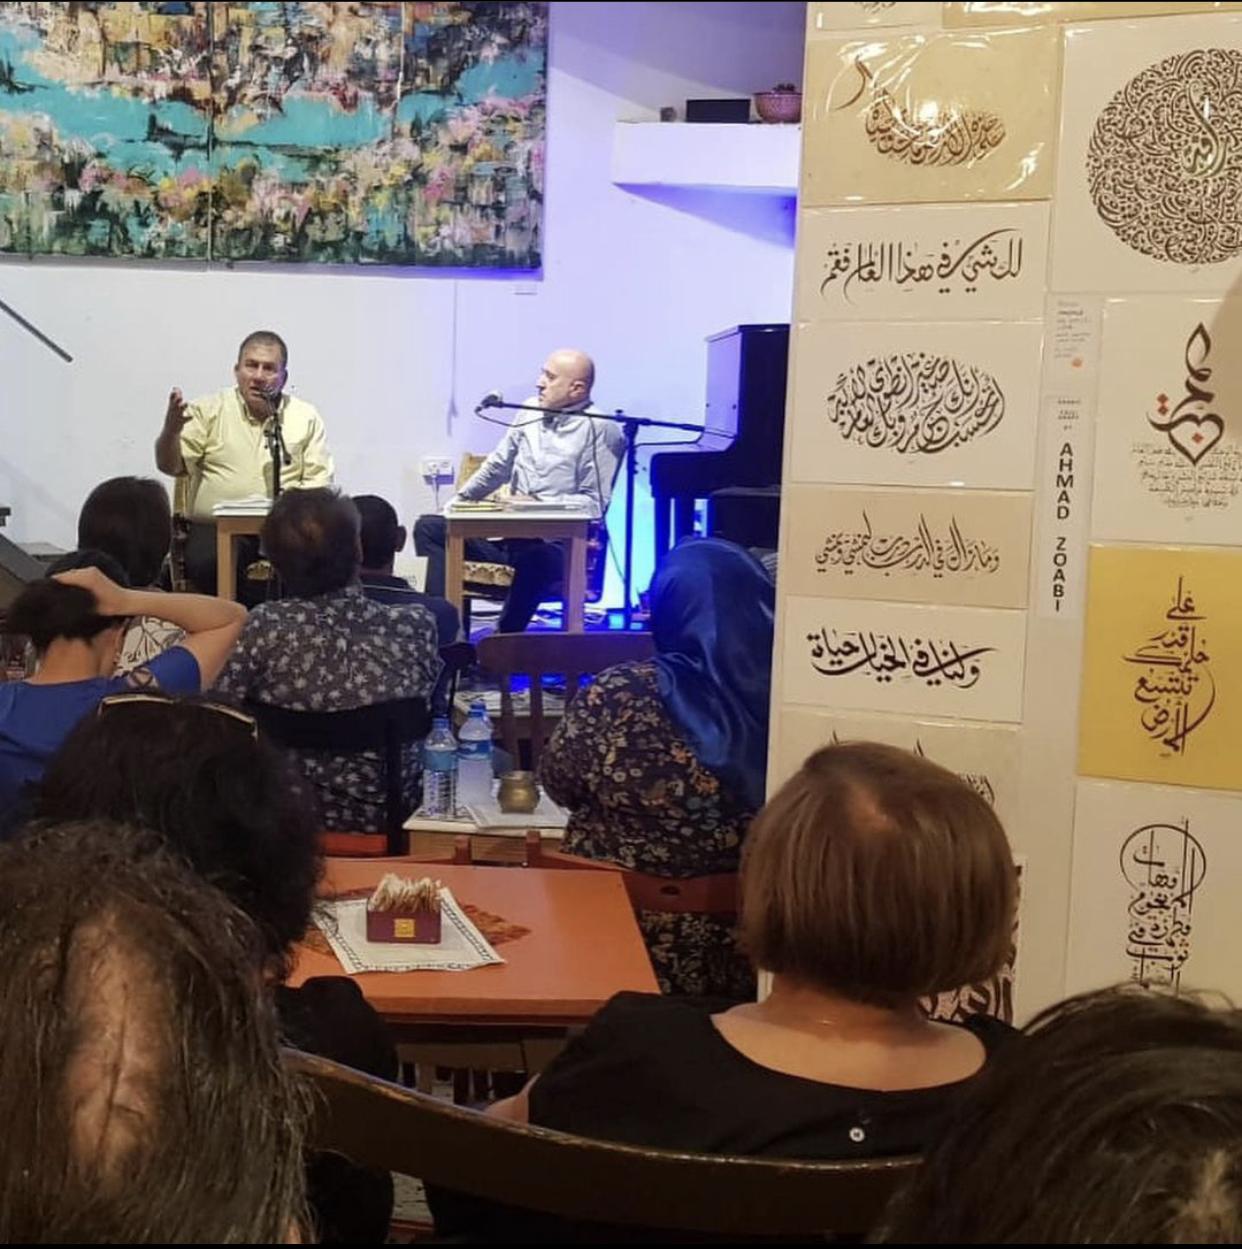 الناصرة مقهى ليوان الثقافي